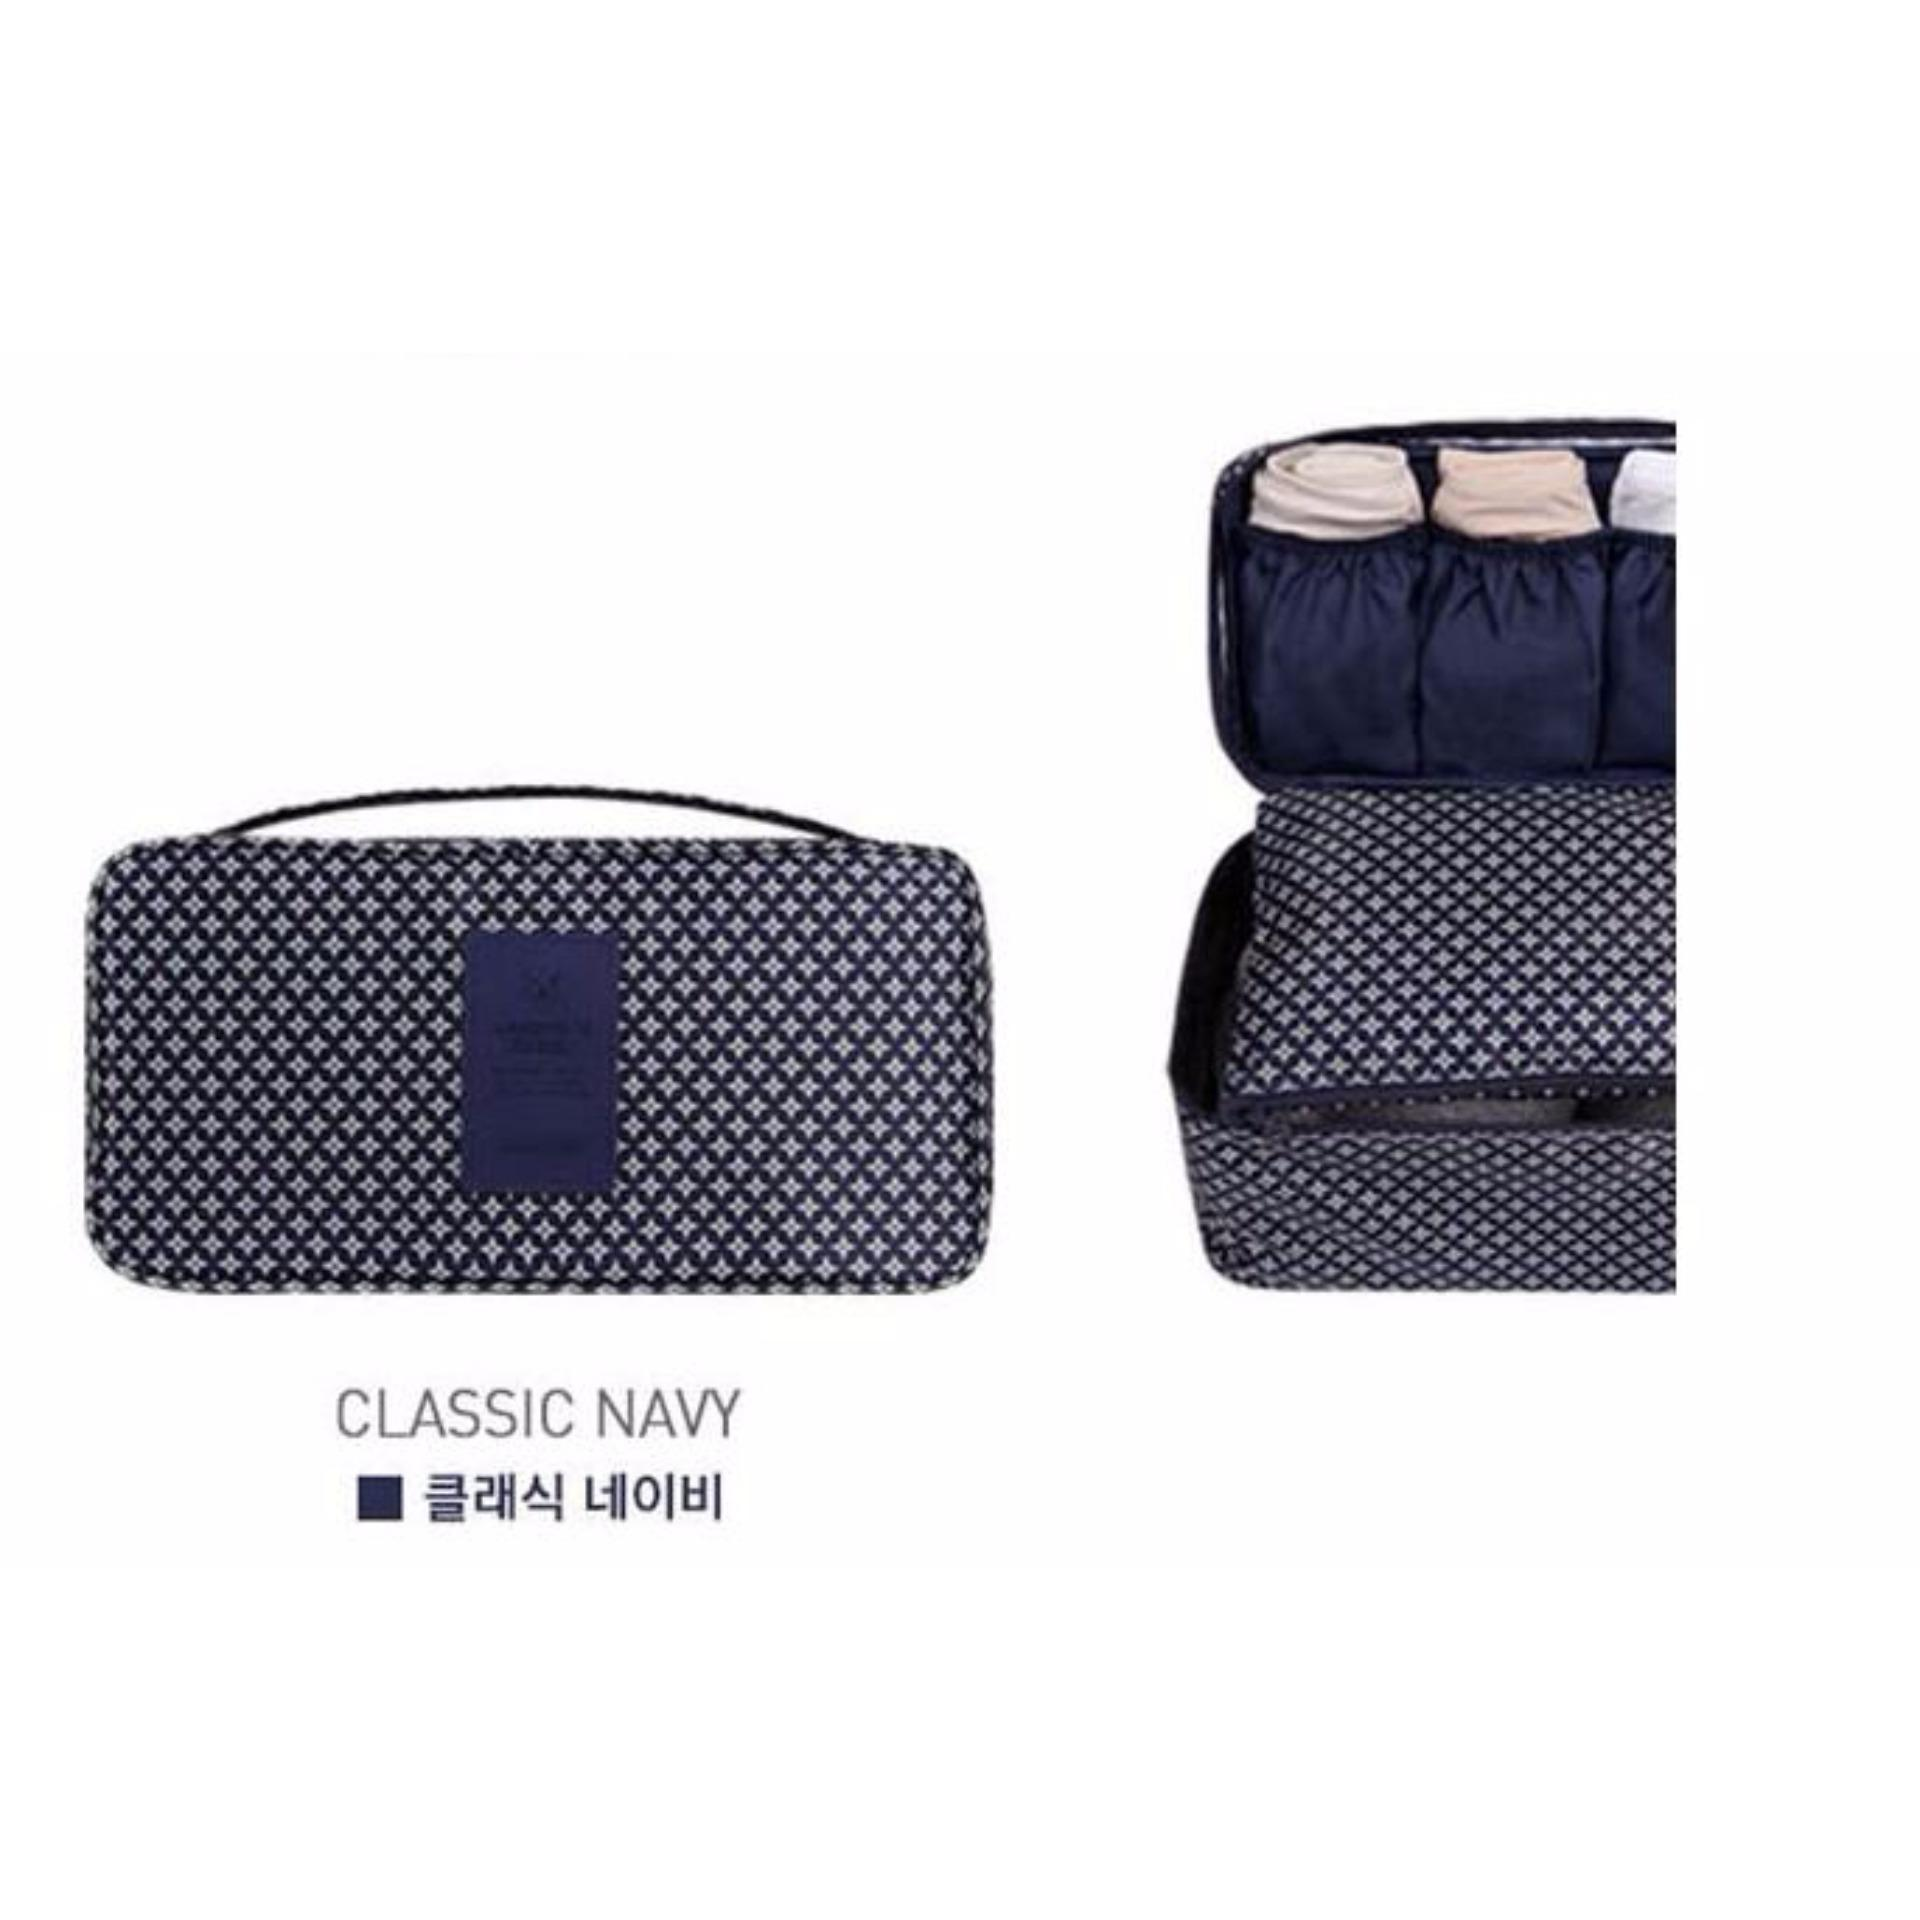 ... Korean TRAVEL UNDERWEAR pouch / organizer / multi-purpose bag - BIRU NAVY